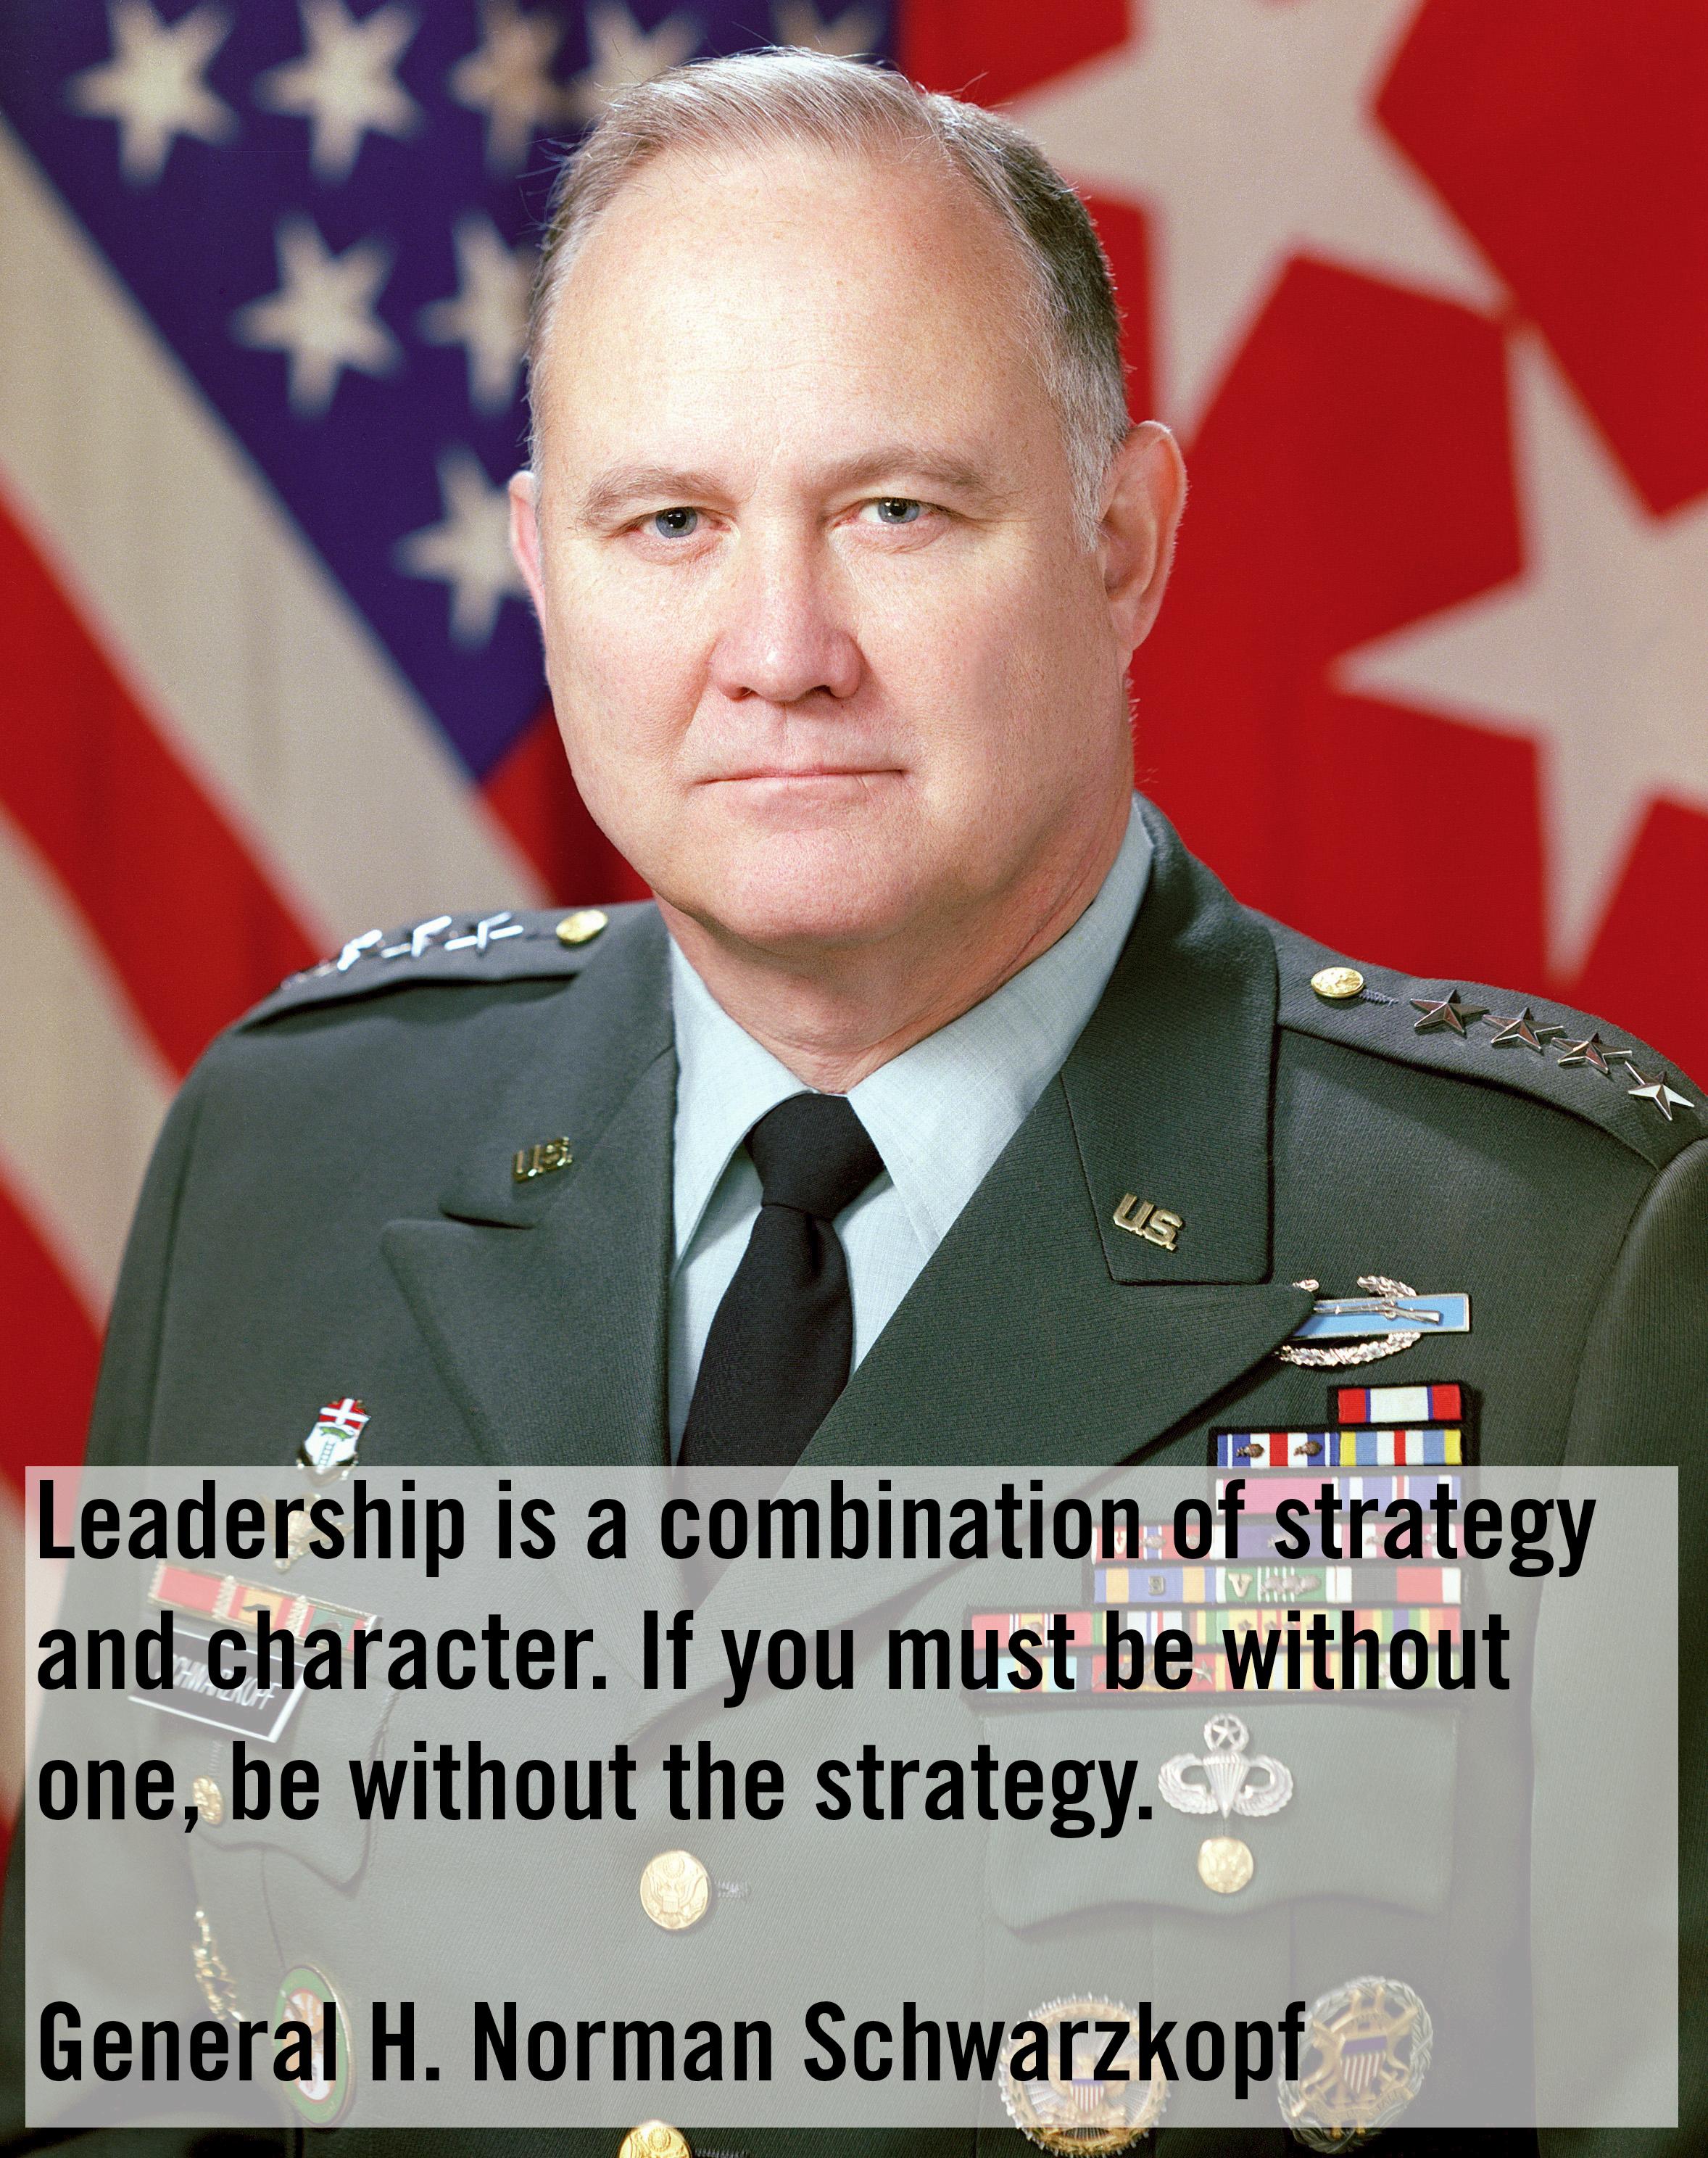 Norman Schwarzkopf's quote